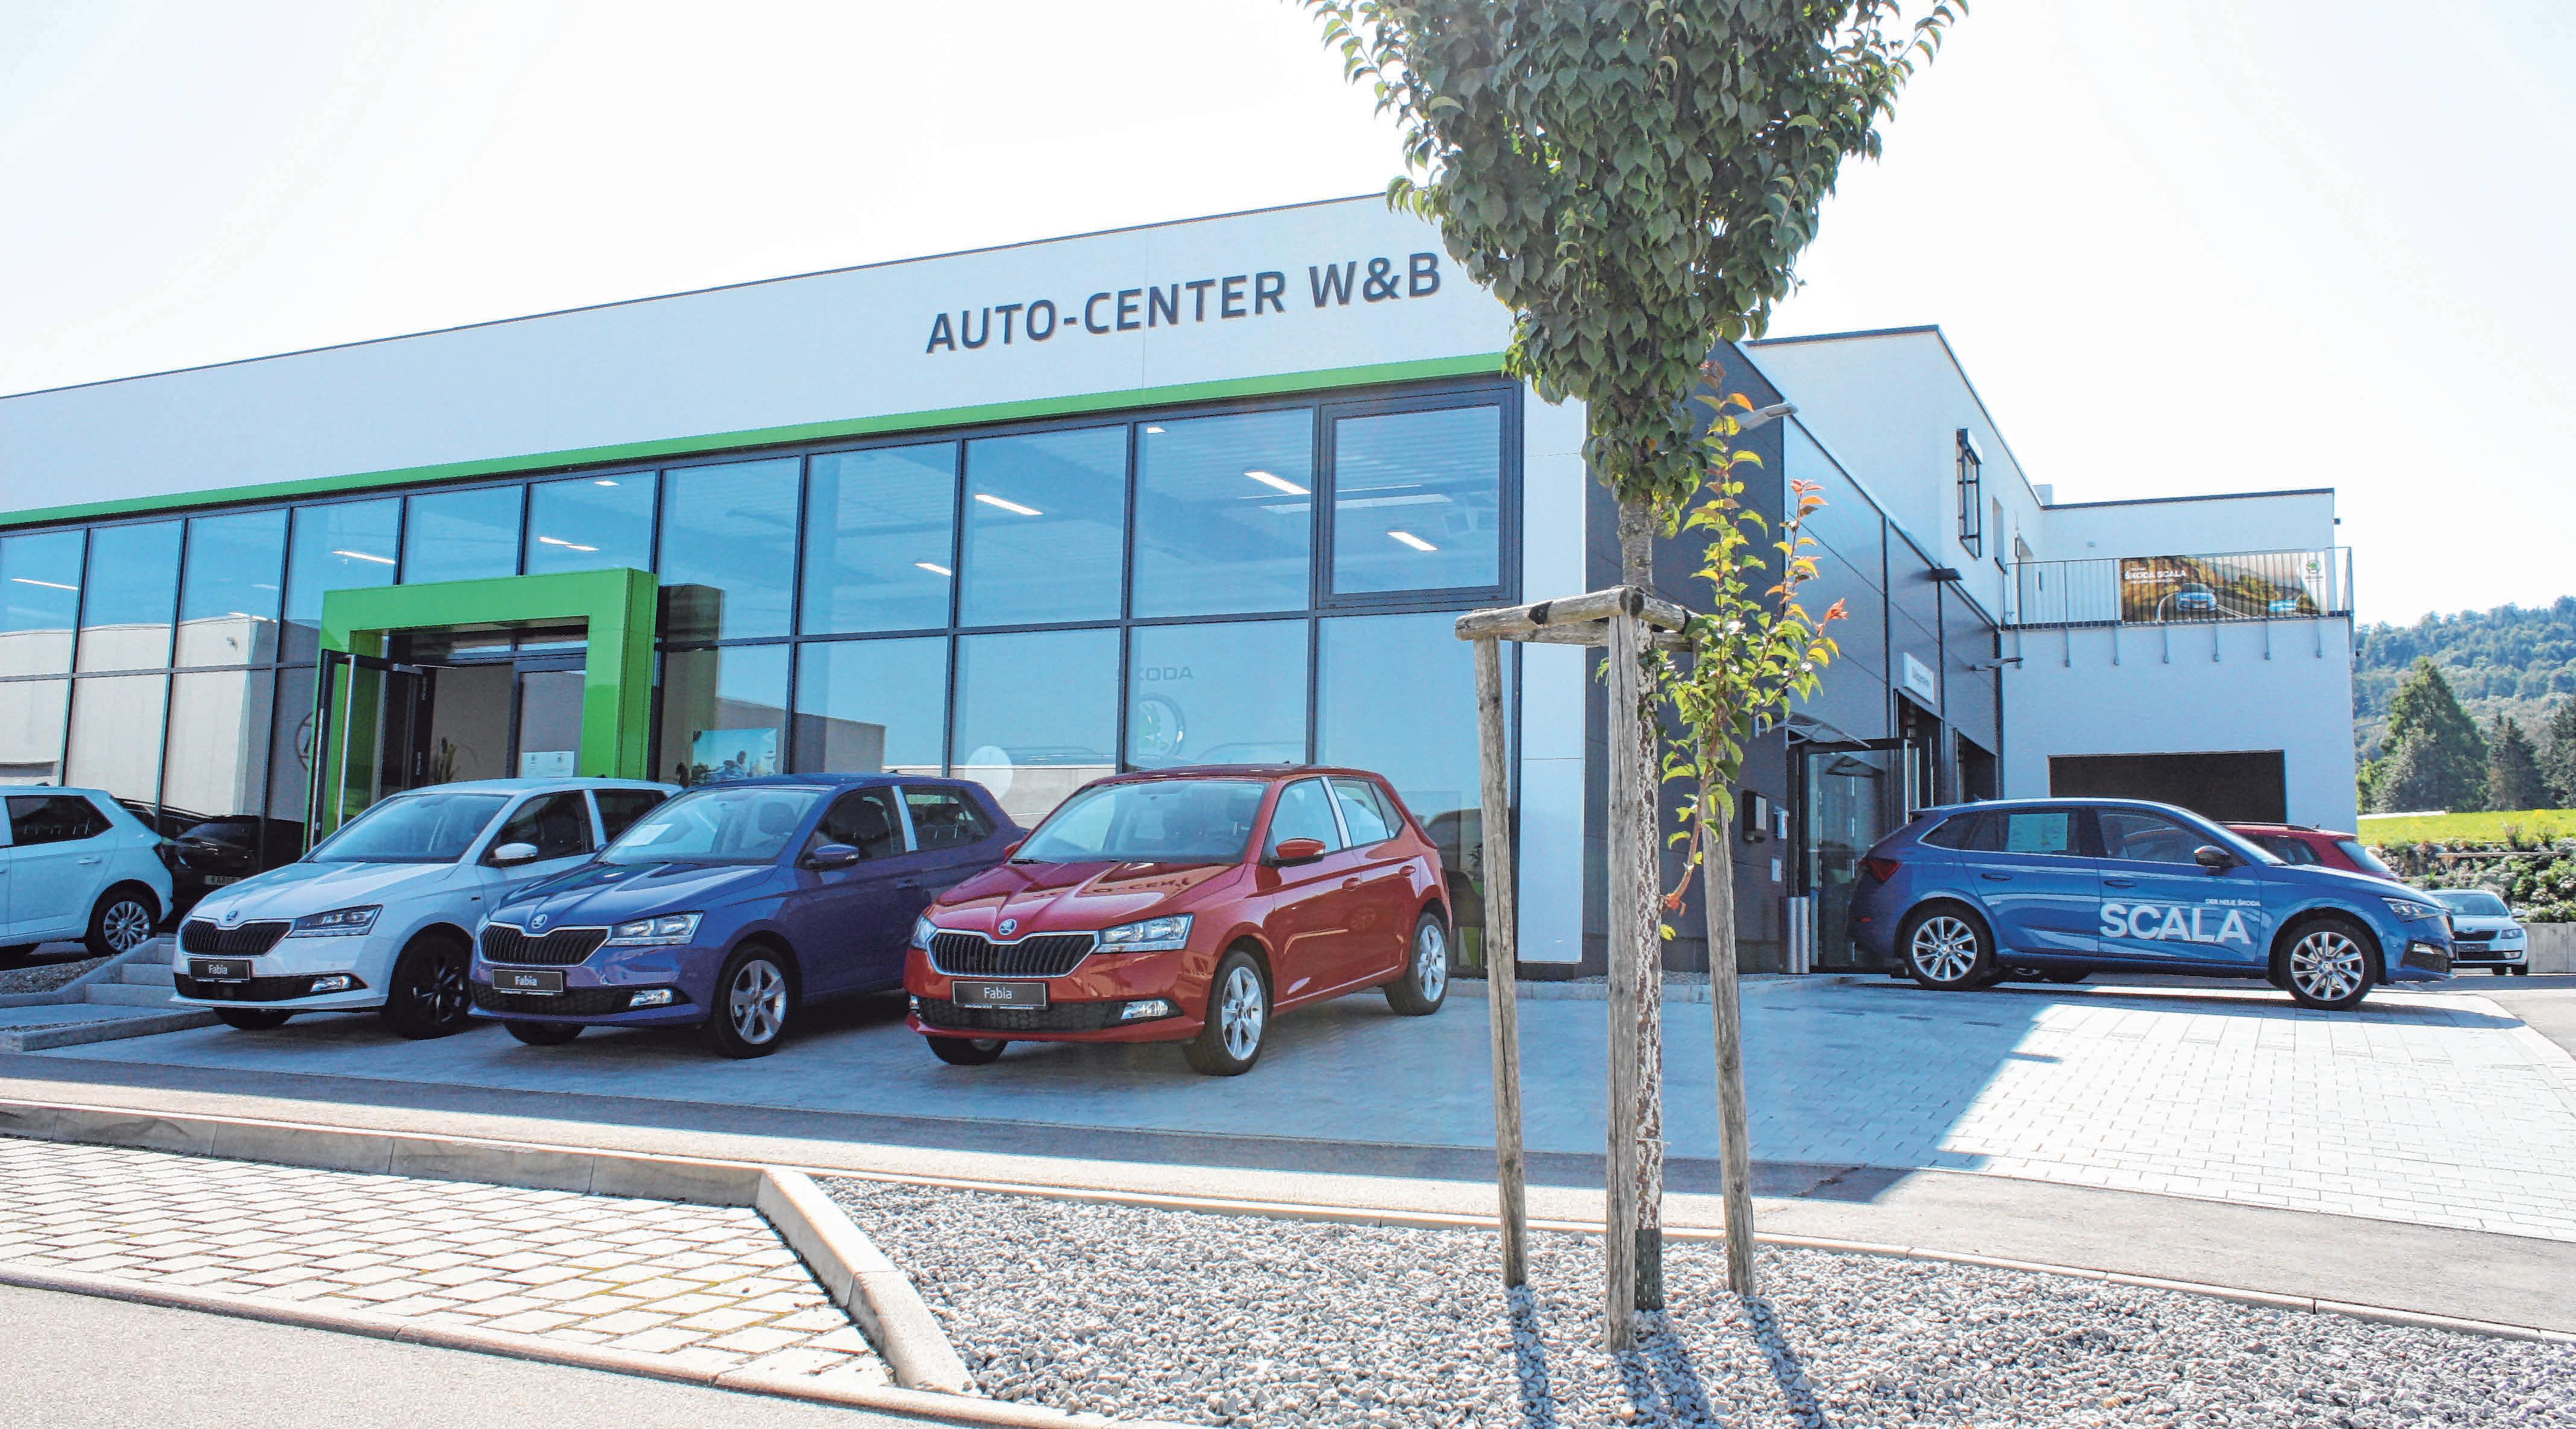 Ohne Schörkel, modern und hell, präsentiert sich das Skoda W&B Autocenter in der Willy-Messerschmitt-Straße in Essingen. Fotos: Jürgen Blankenhorn